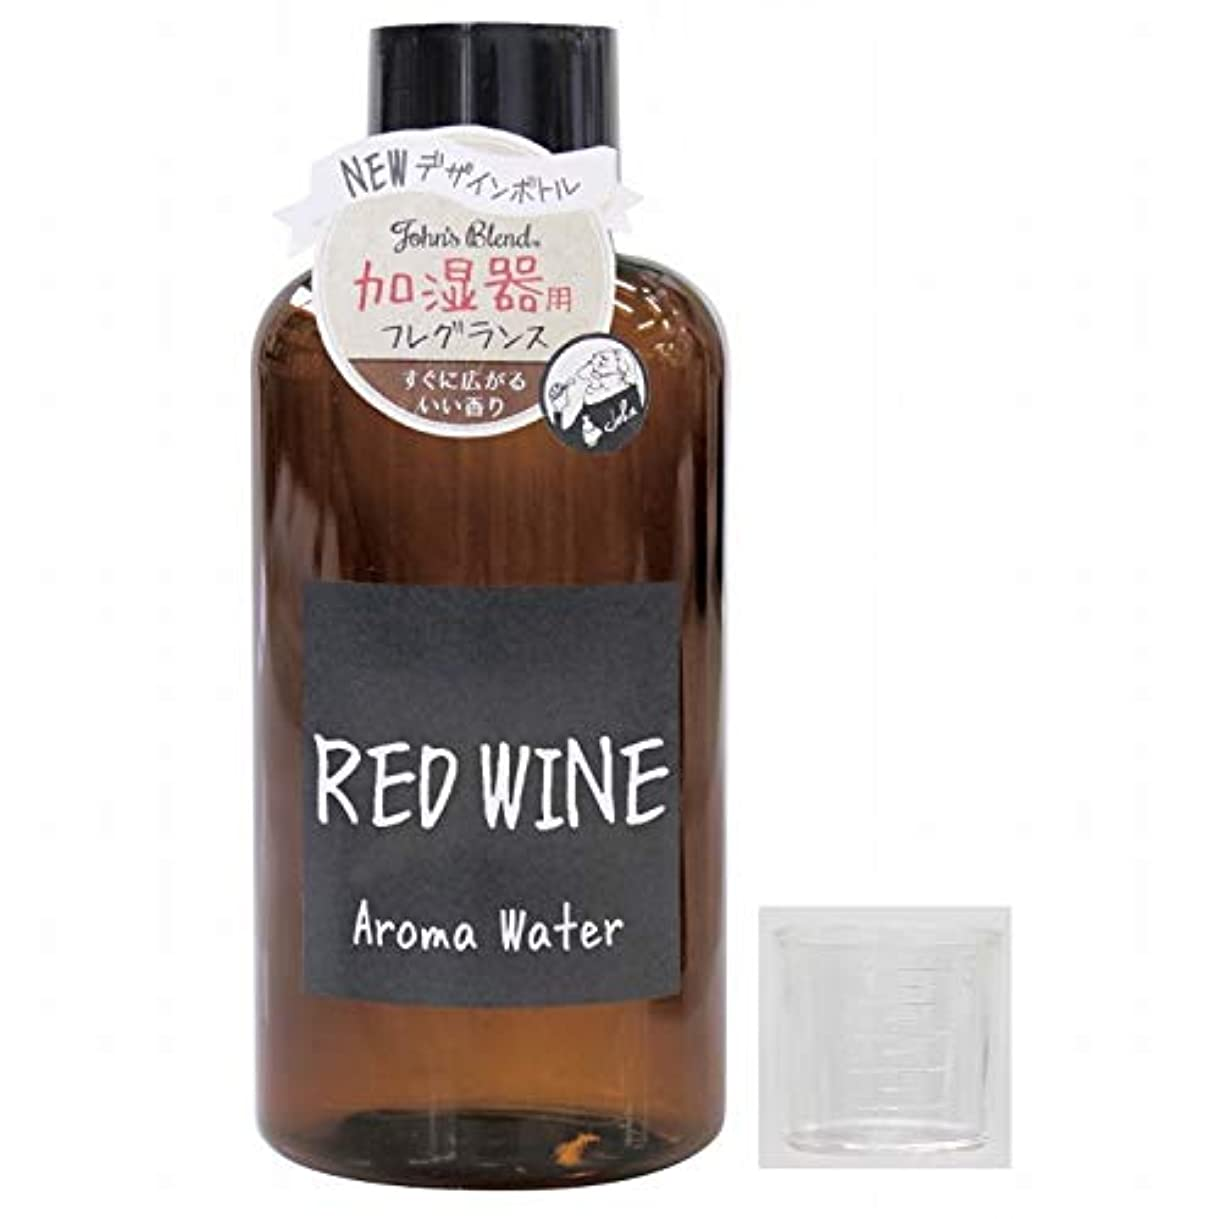 慢身元忙しい【計量カップ付き】 JohnsBlend(ジョンズブレンド) アロマウォーター 加湿器用 520ml レッドワインの香り OA-JON-12-5【計量カップのおまけつき】